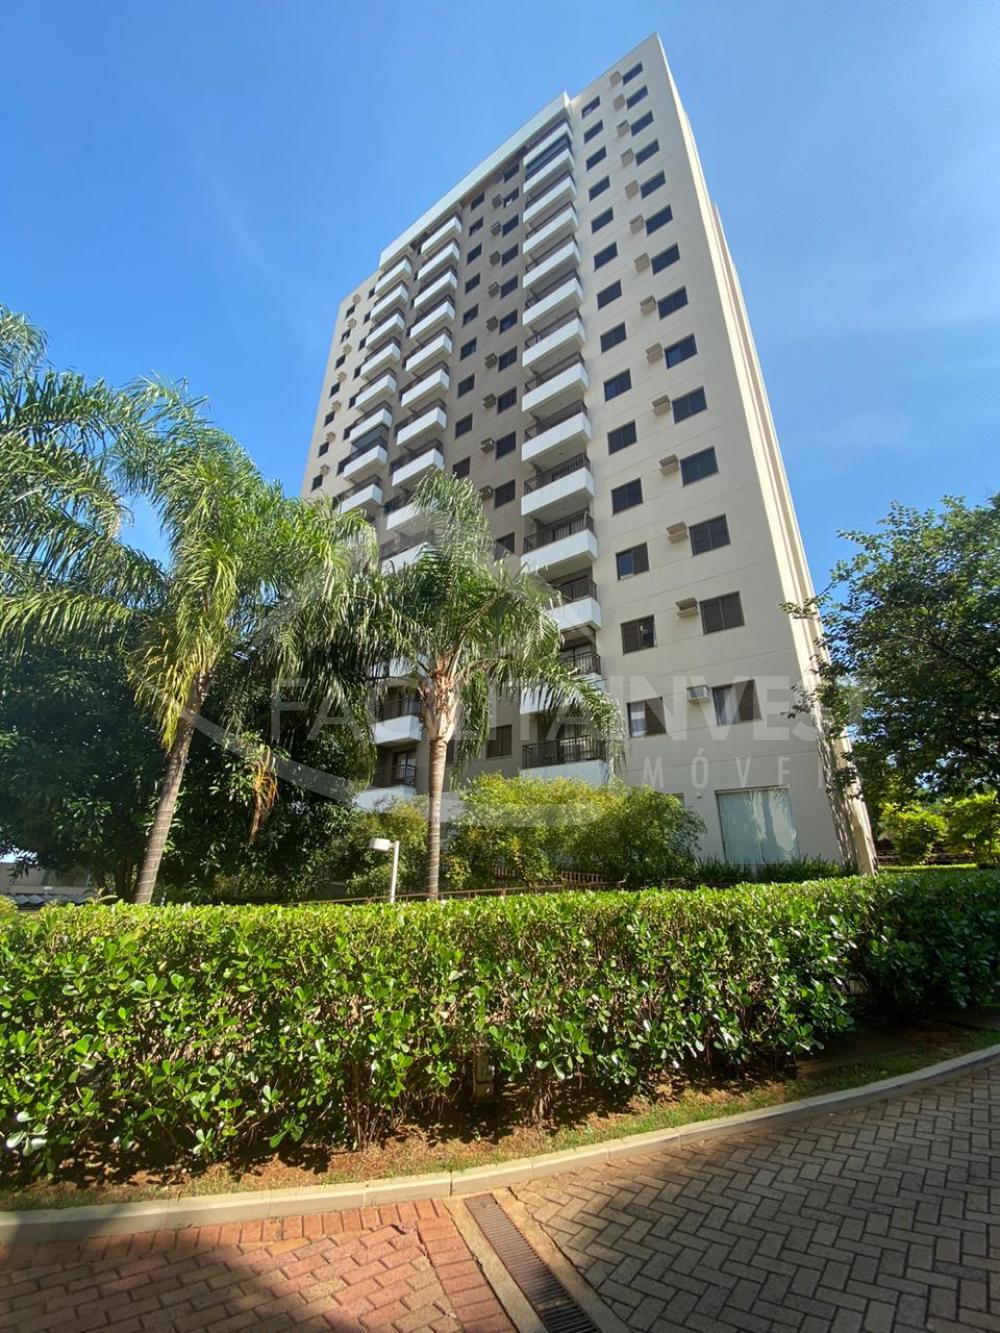 Alugar Apartamentos / Apartamento Mobiliado em Ribeirão Preto apenas R$ 1.800,00 - Foto 26